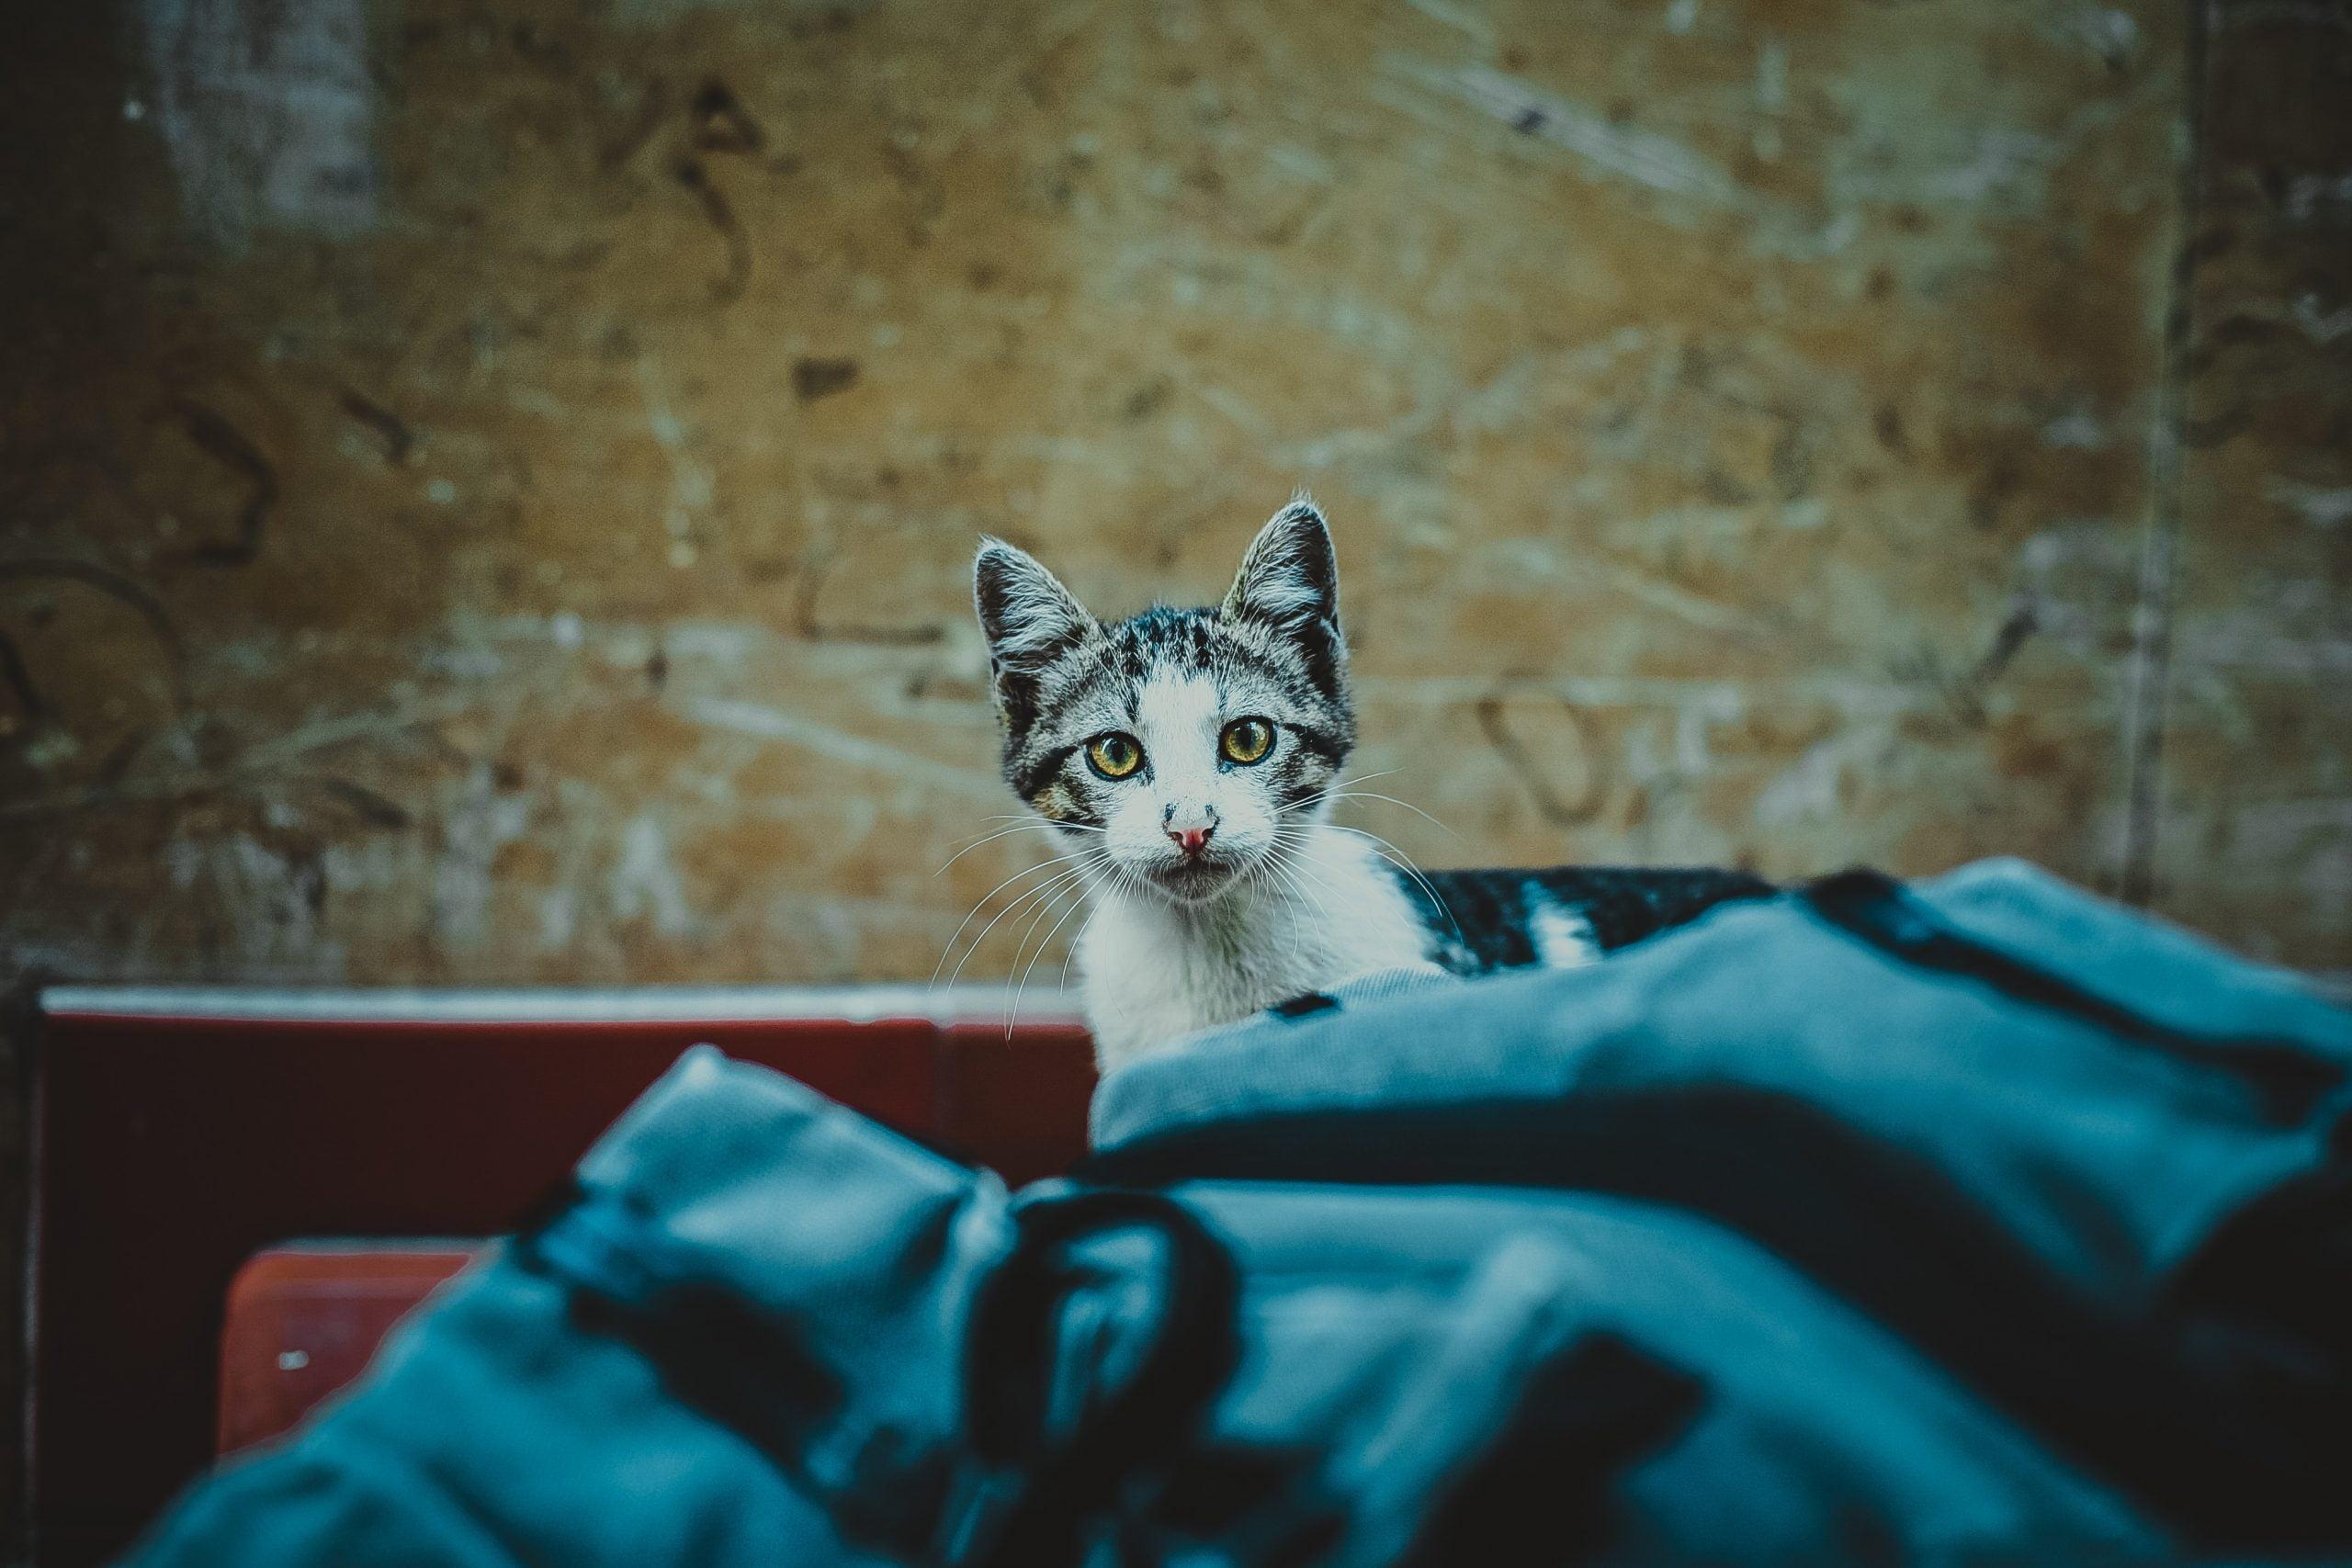 Qué hacer si encuentras un gatito abandonado 1